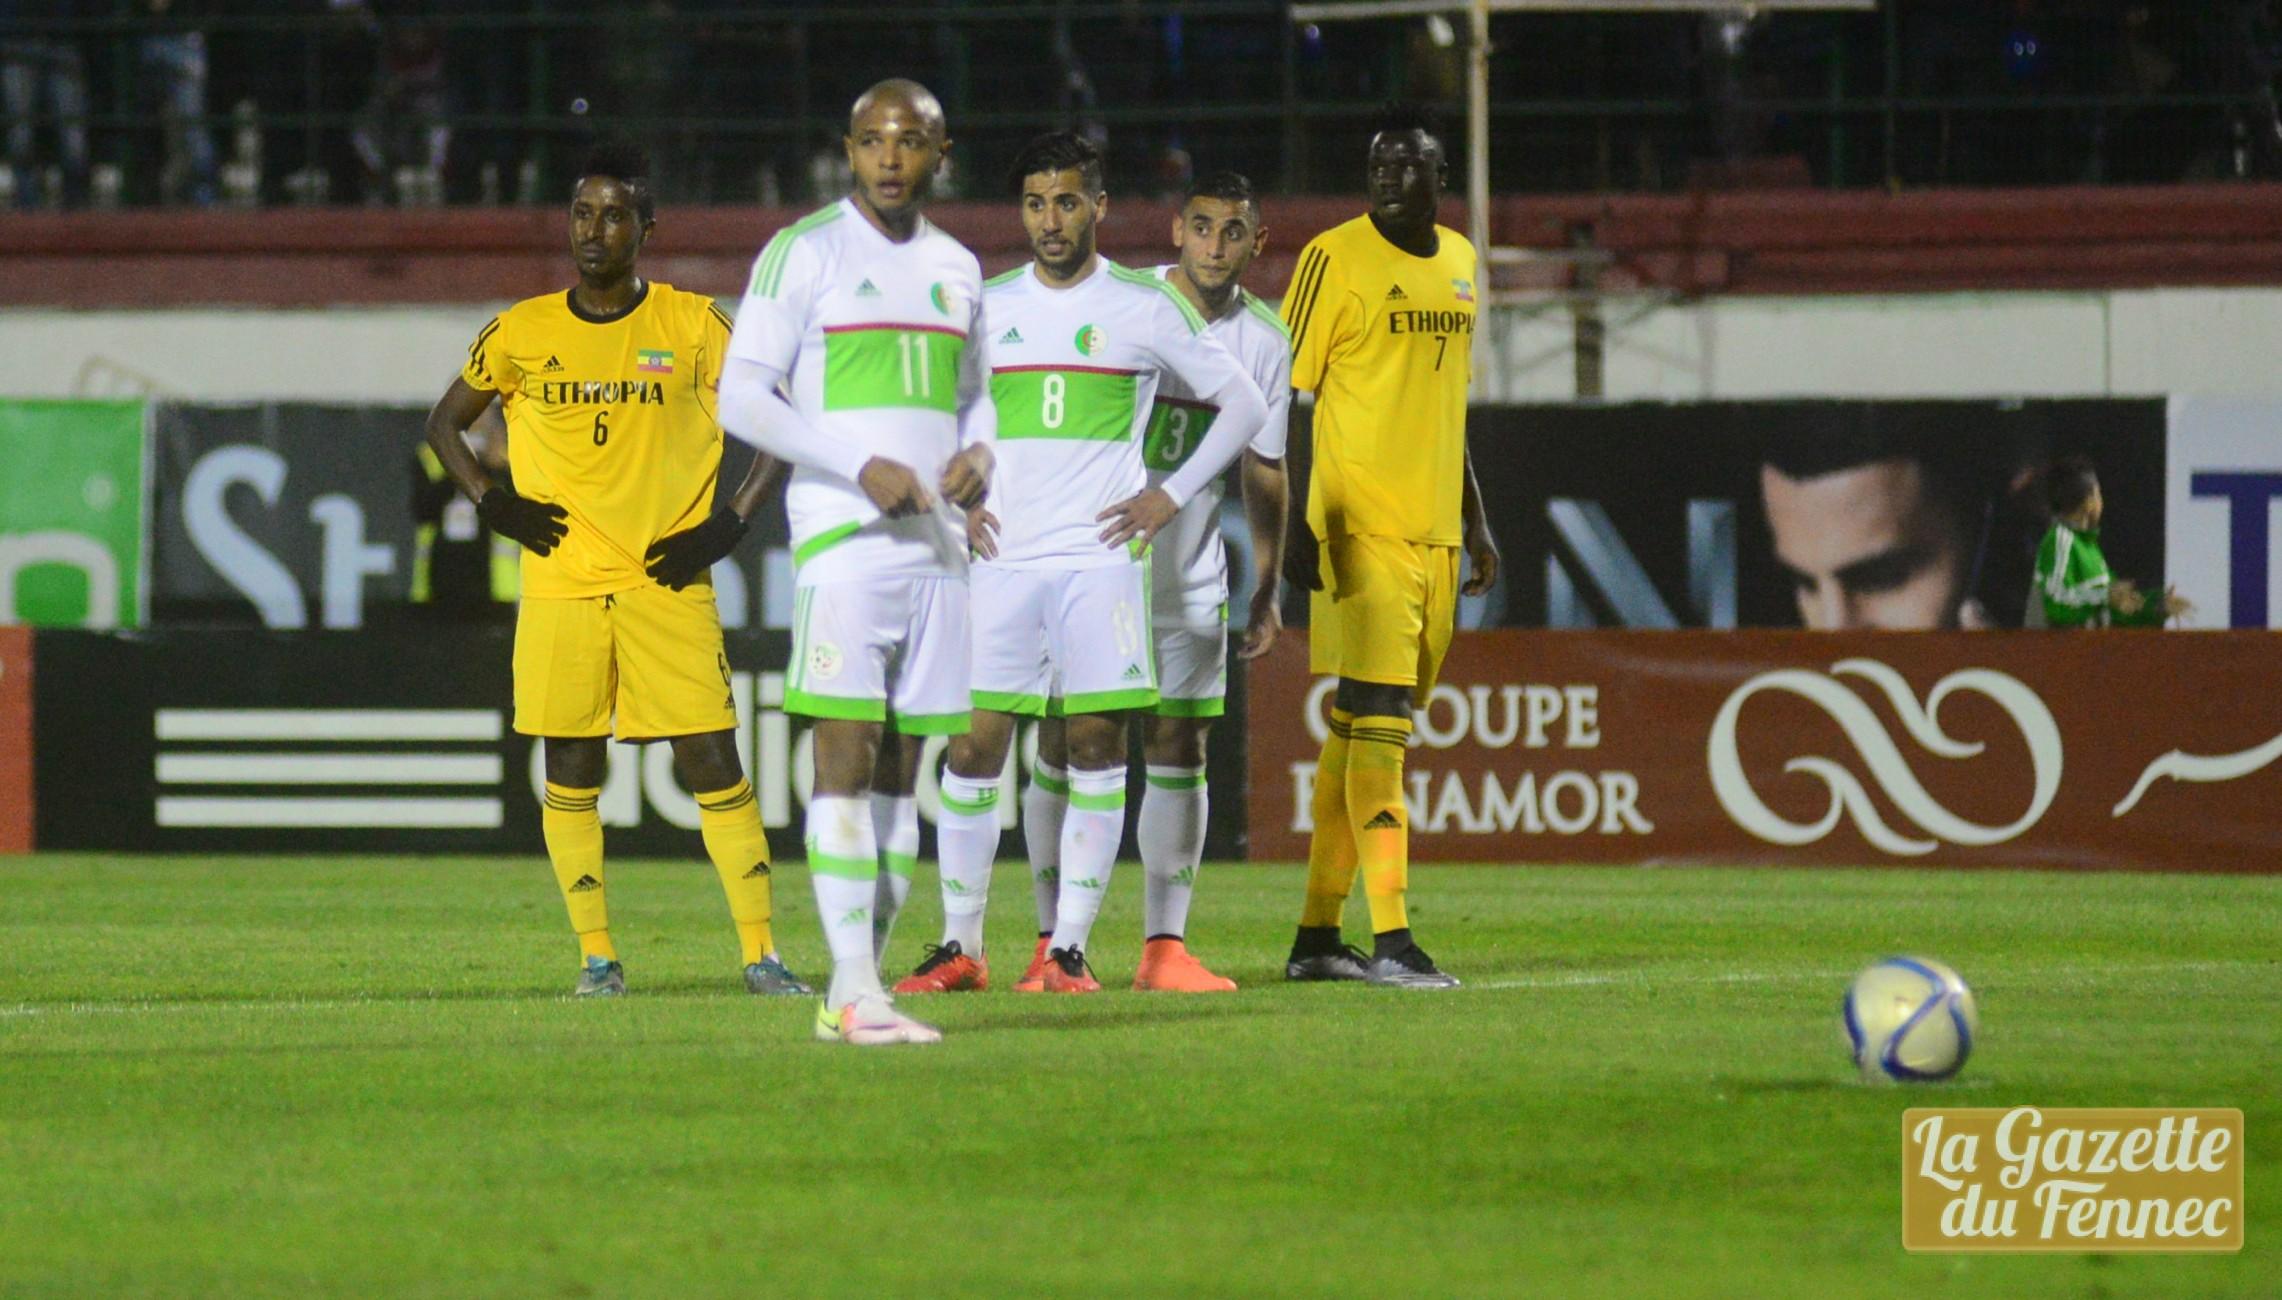 Rencontre des hommes en algerie